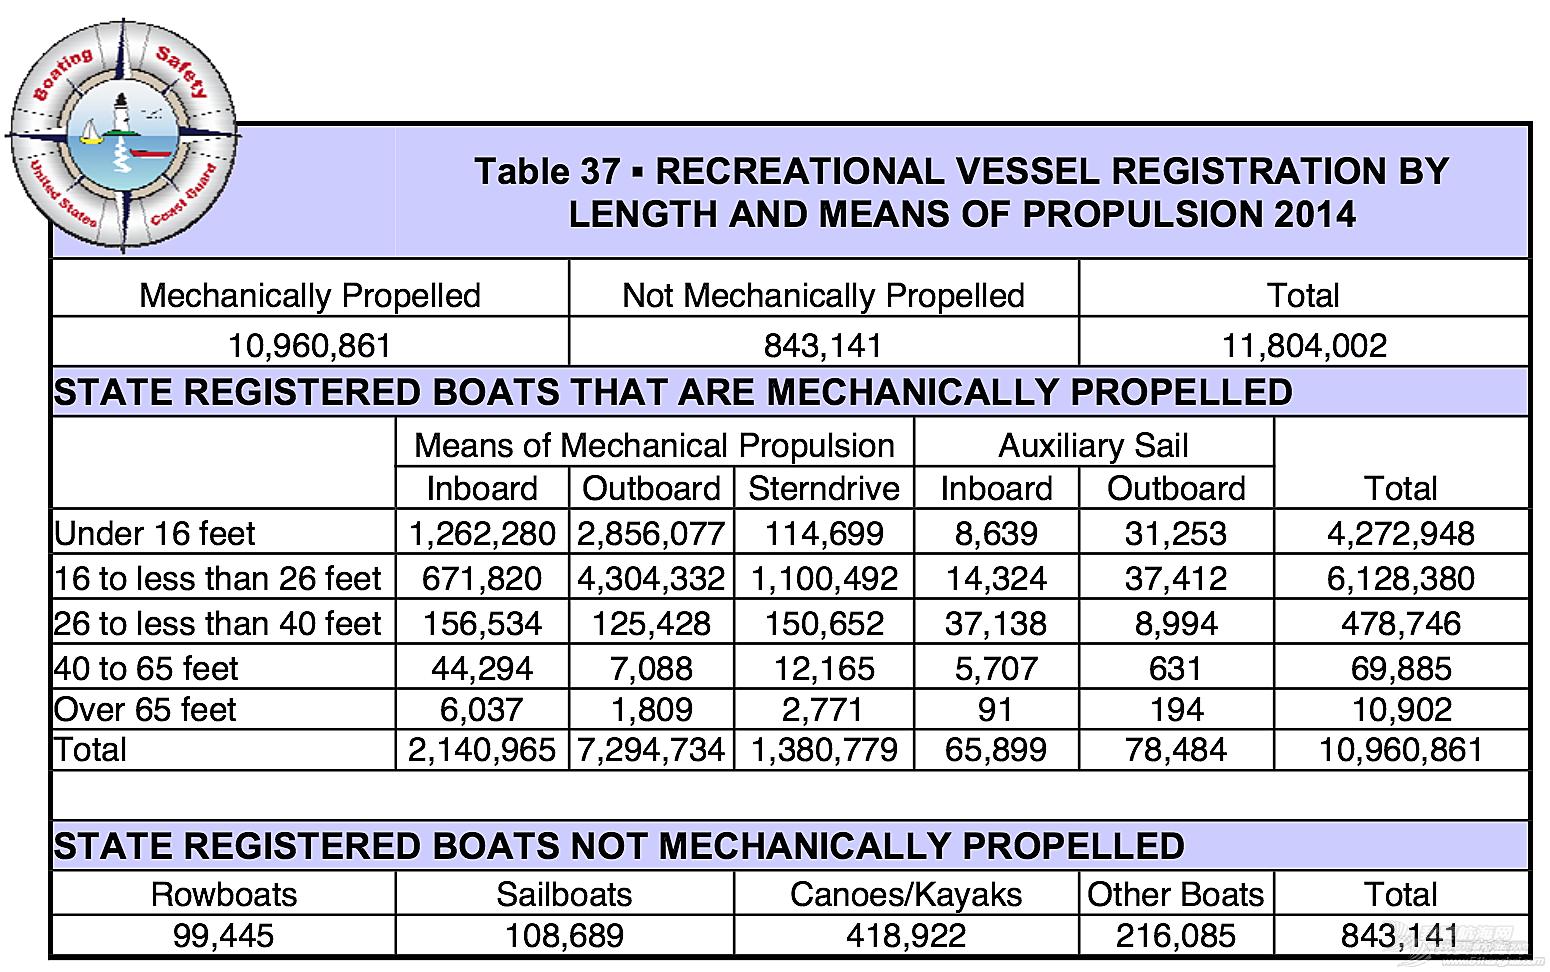 帆船,行业,生产总值,旧金山,交通运输 中美游艇帆船行业的发展差距